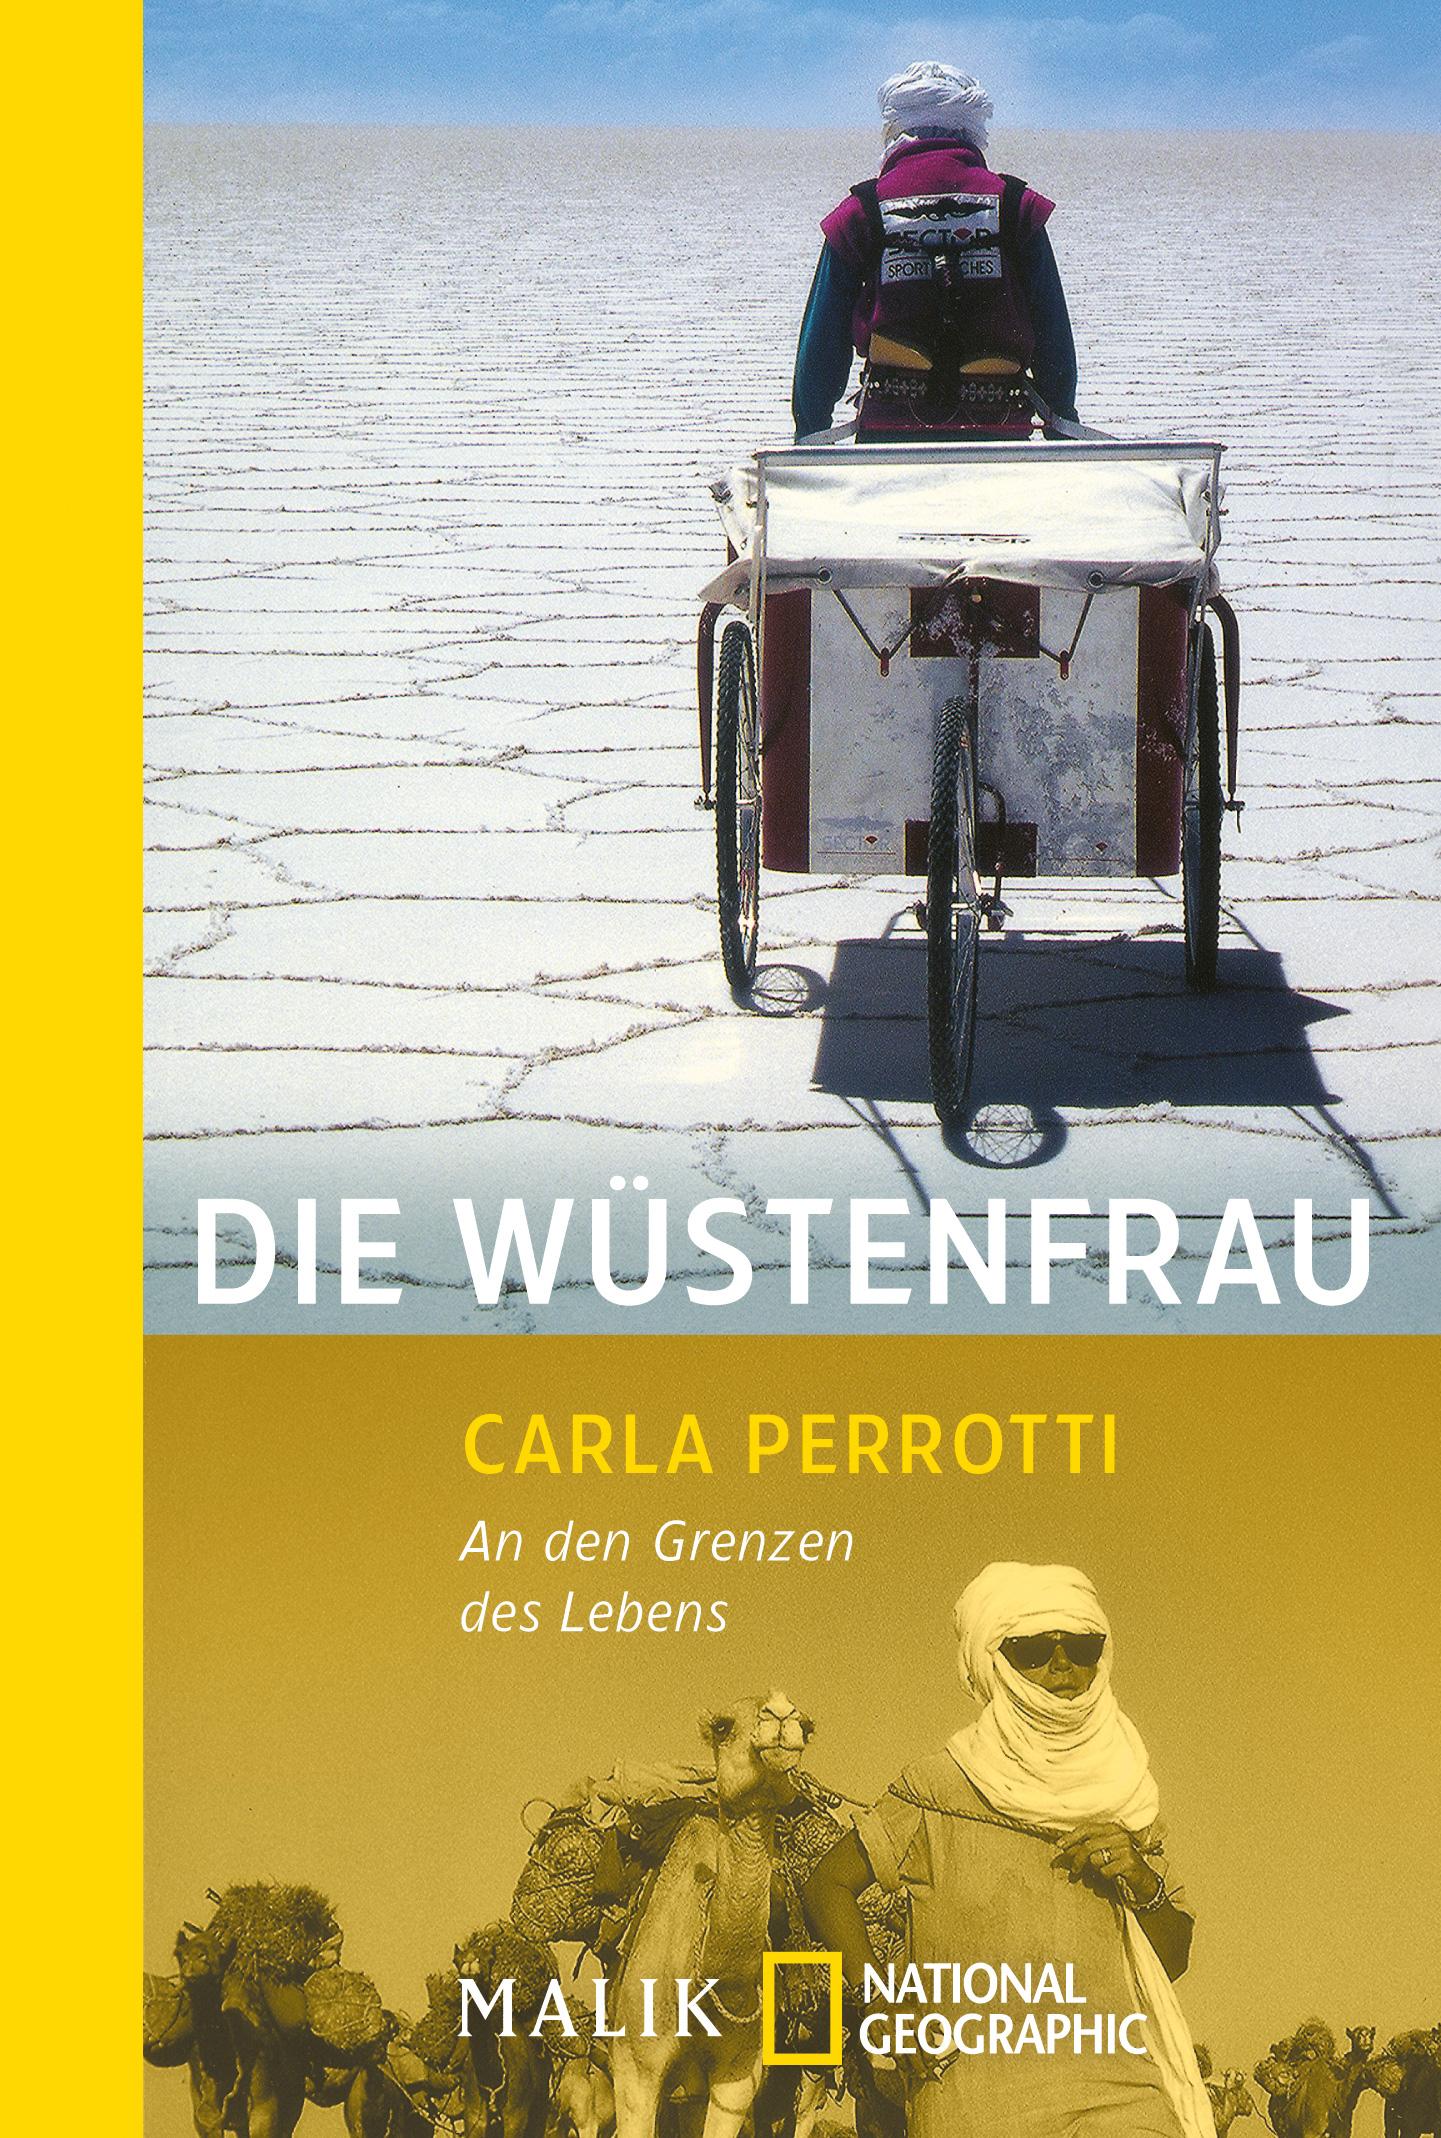 Die Wüstenfrau: An den Grenzen des Lebens - Car...